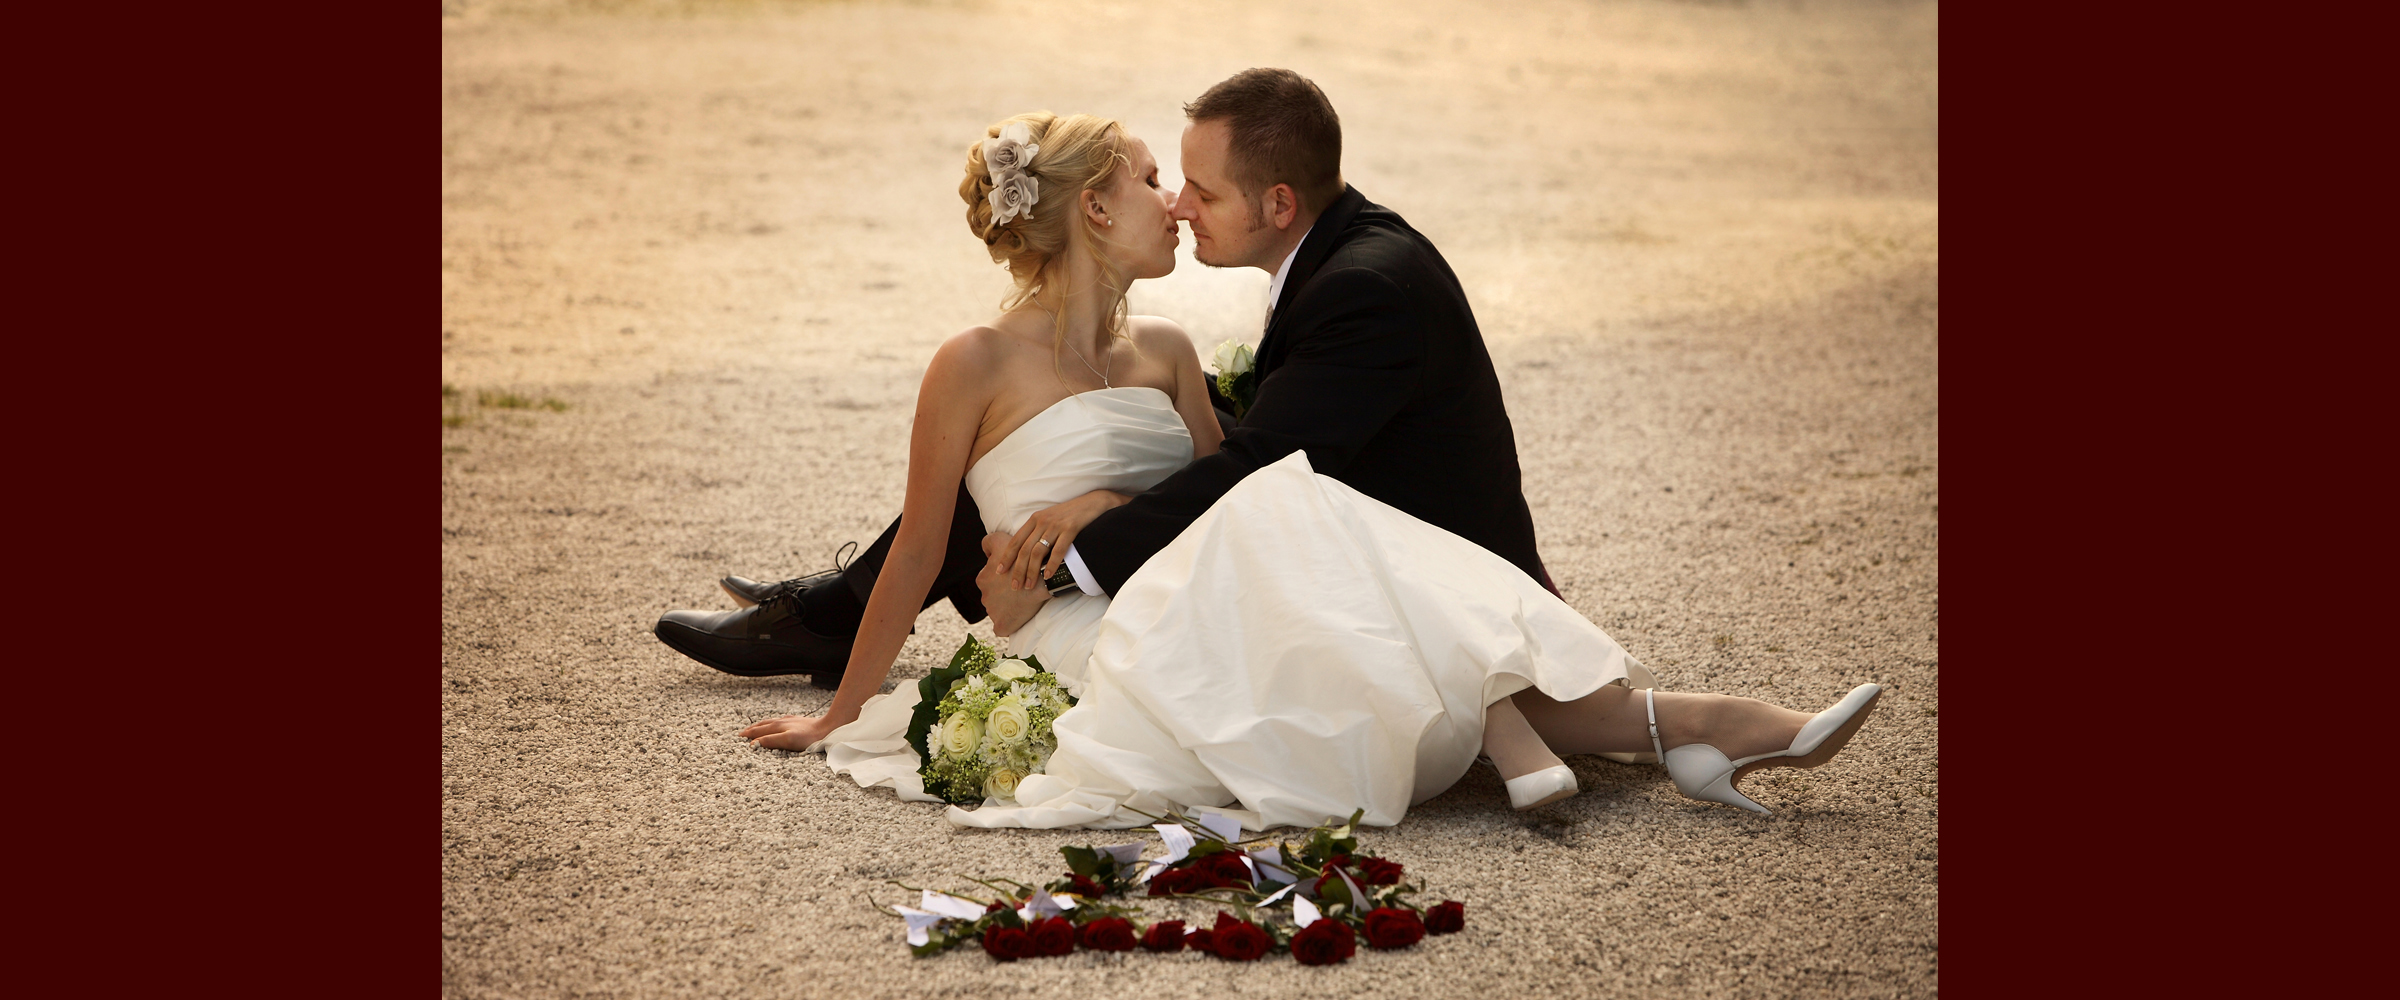 Hochzeitsportrait eines Mannes im dunklen Anzug und einer blonden Frau im weißen Brautkleid (Brautpaar), die umschlungen auf dem Boden sitzen und sich küssen.